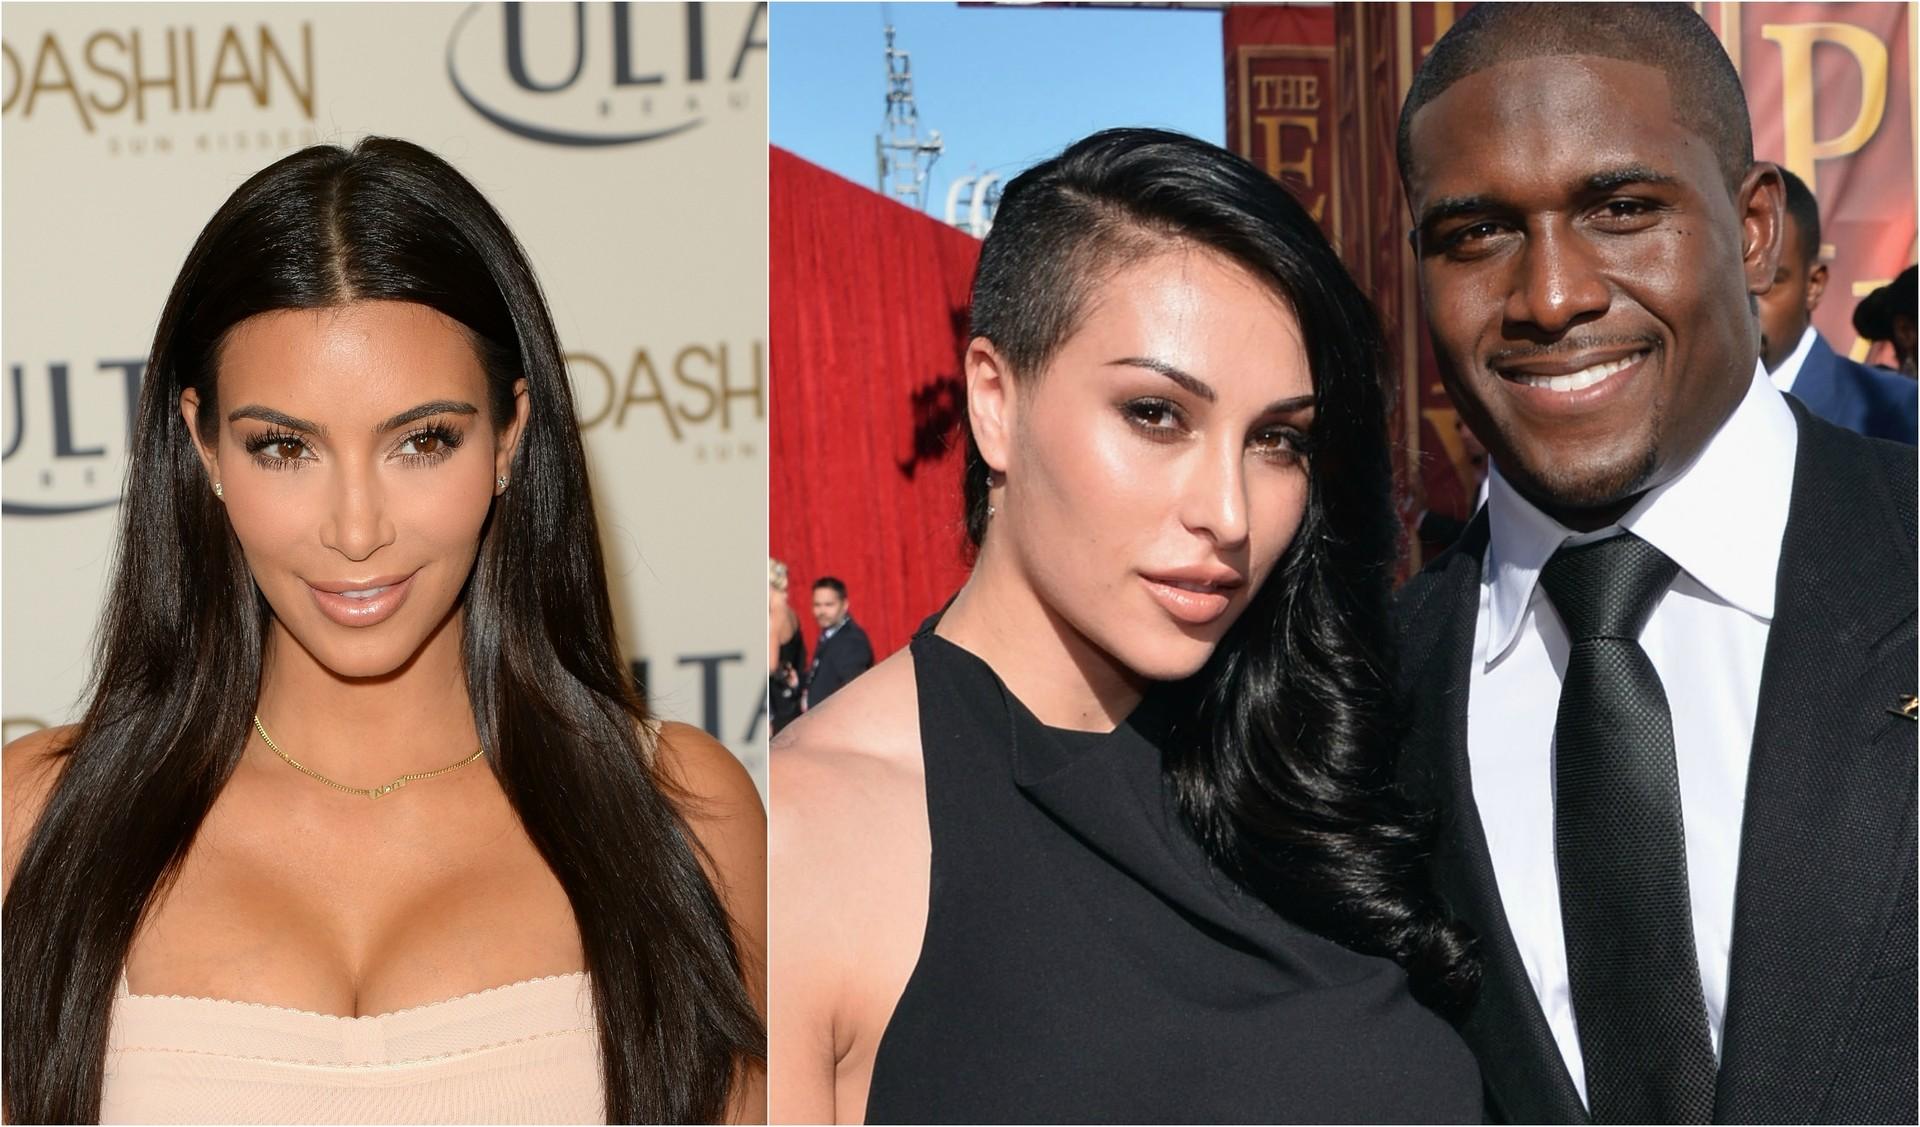 O jogador de futebol americano Reggie Bush já namorou com Kim Kardashian. Em seguida, se envolveu com uma mulher idêntica à socialite, e que também tem origem armênia: Lilit Avagyan. Eles se casaram neste ano e têm uma filhinha. (Foto: Getty Images)